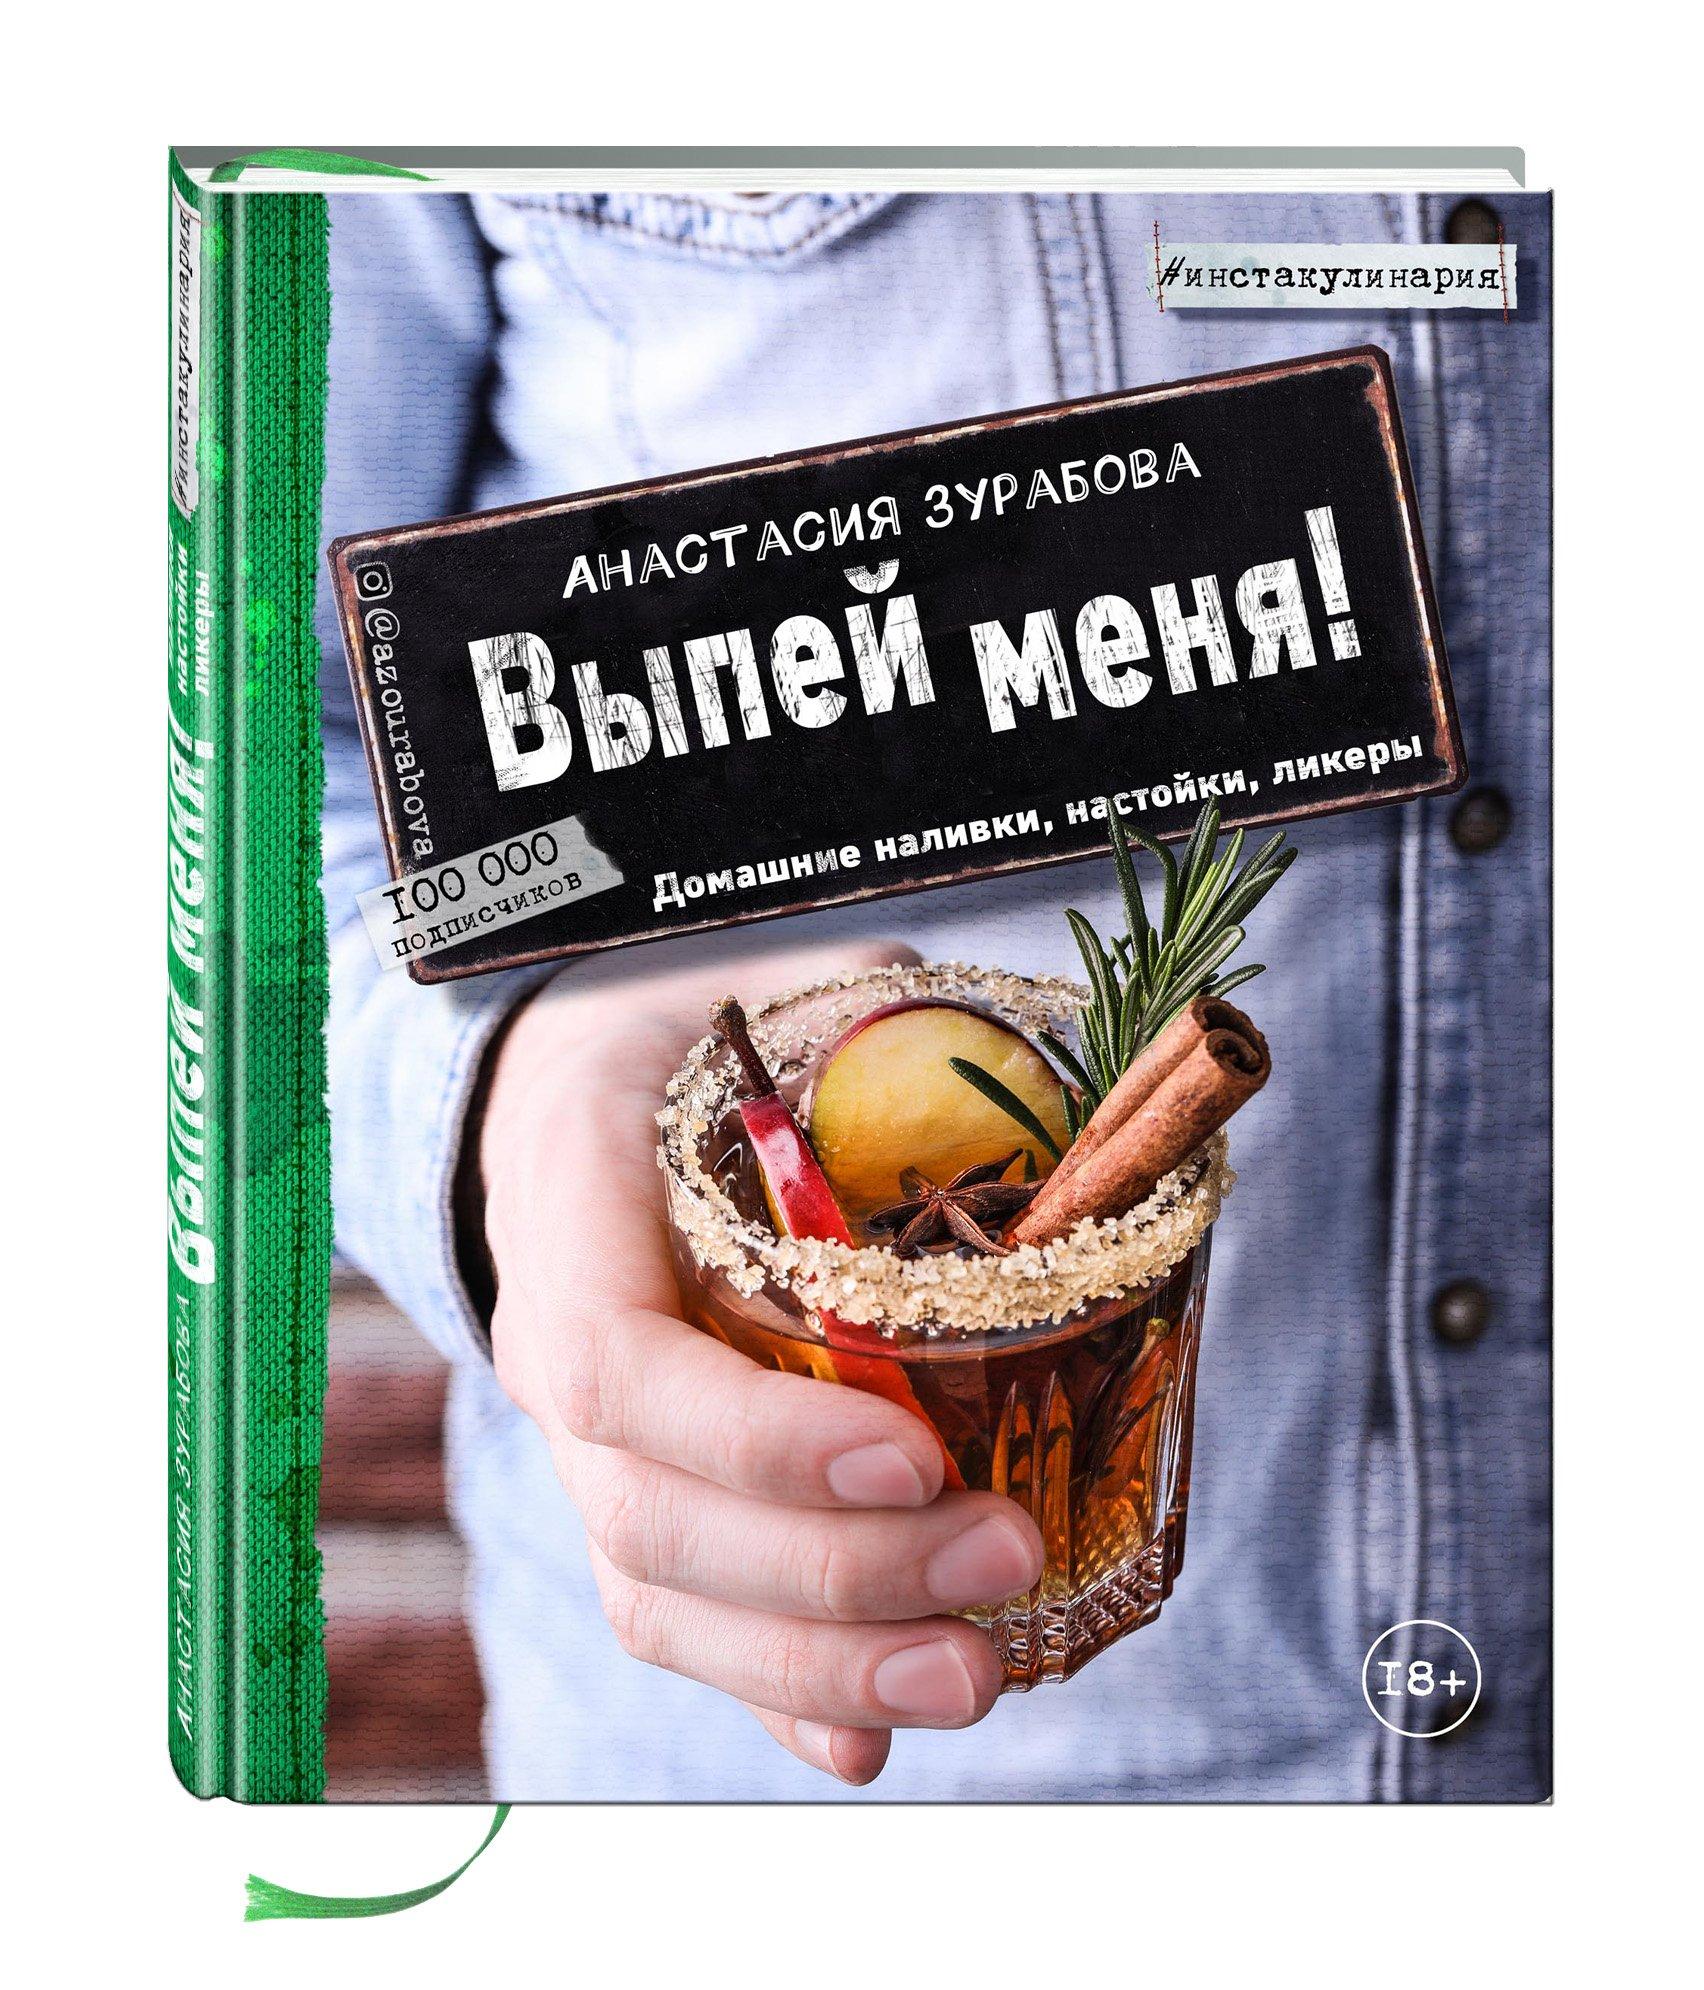 Зурабова Анастасия Михайловна Выпей меня! Домашние наливки, настойки, ликеры